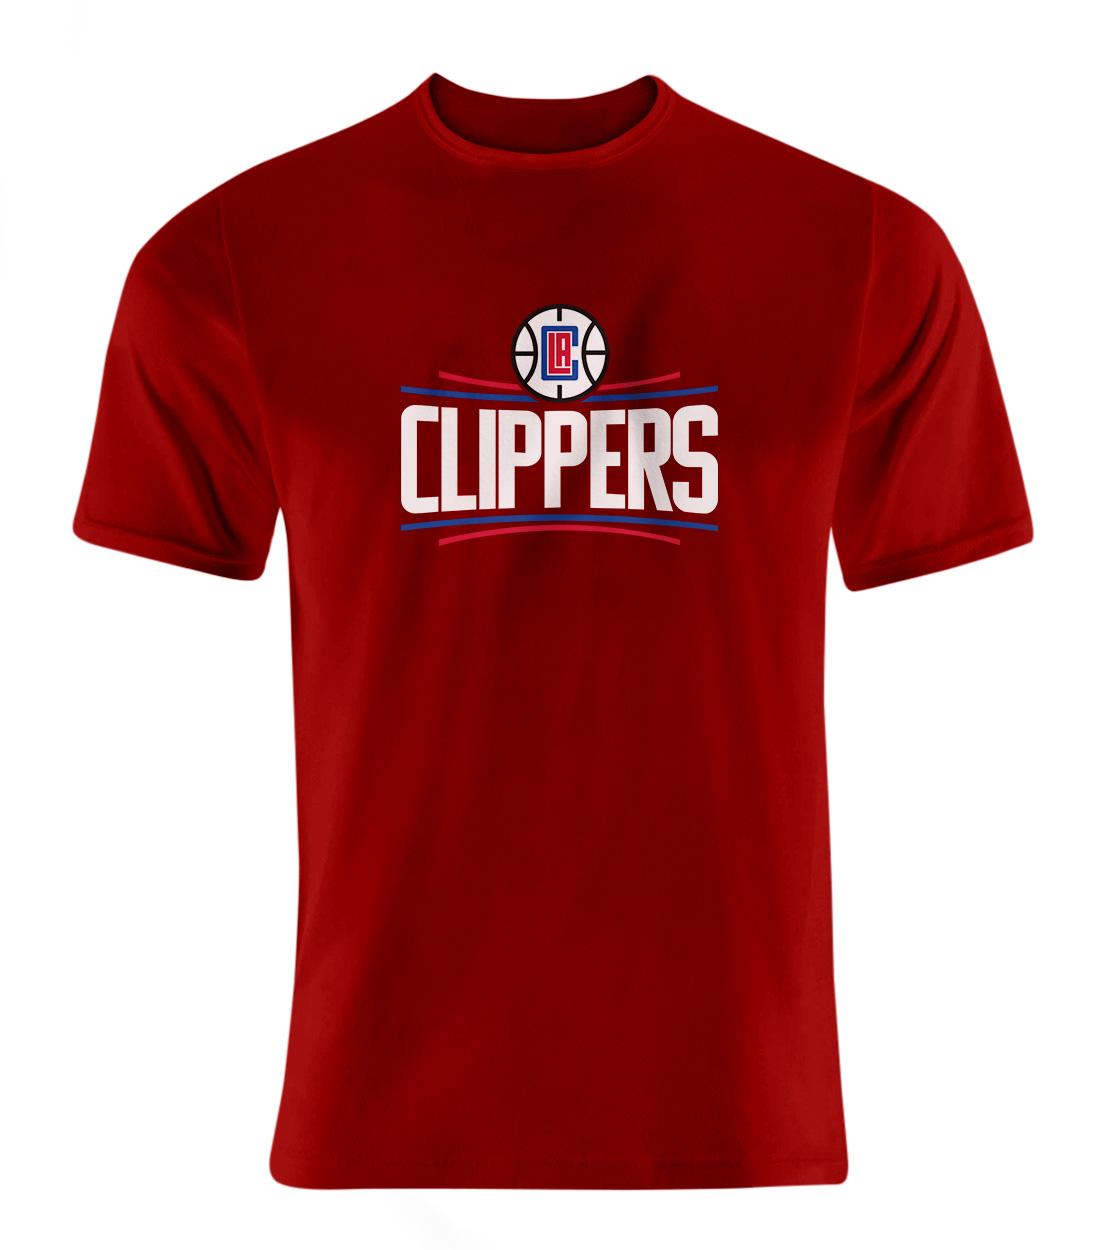 L.A. Clippers Tshirt (TSH-RED-NP-119-NBA-LAC-LOGO)